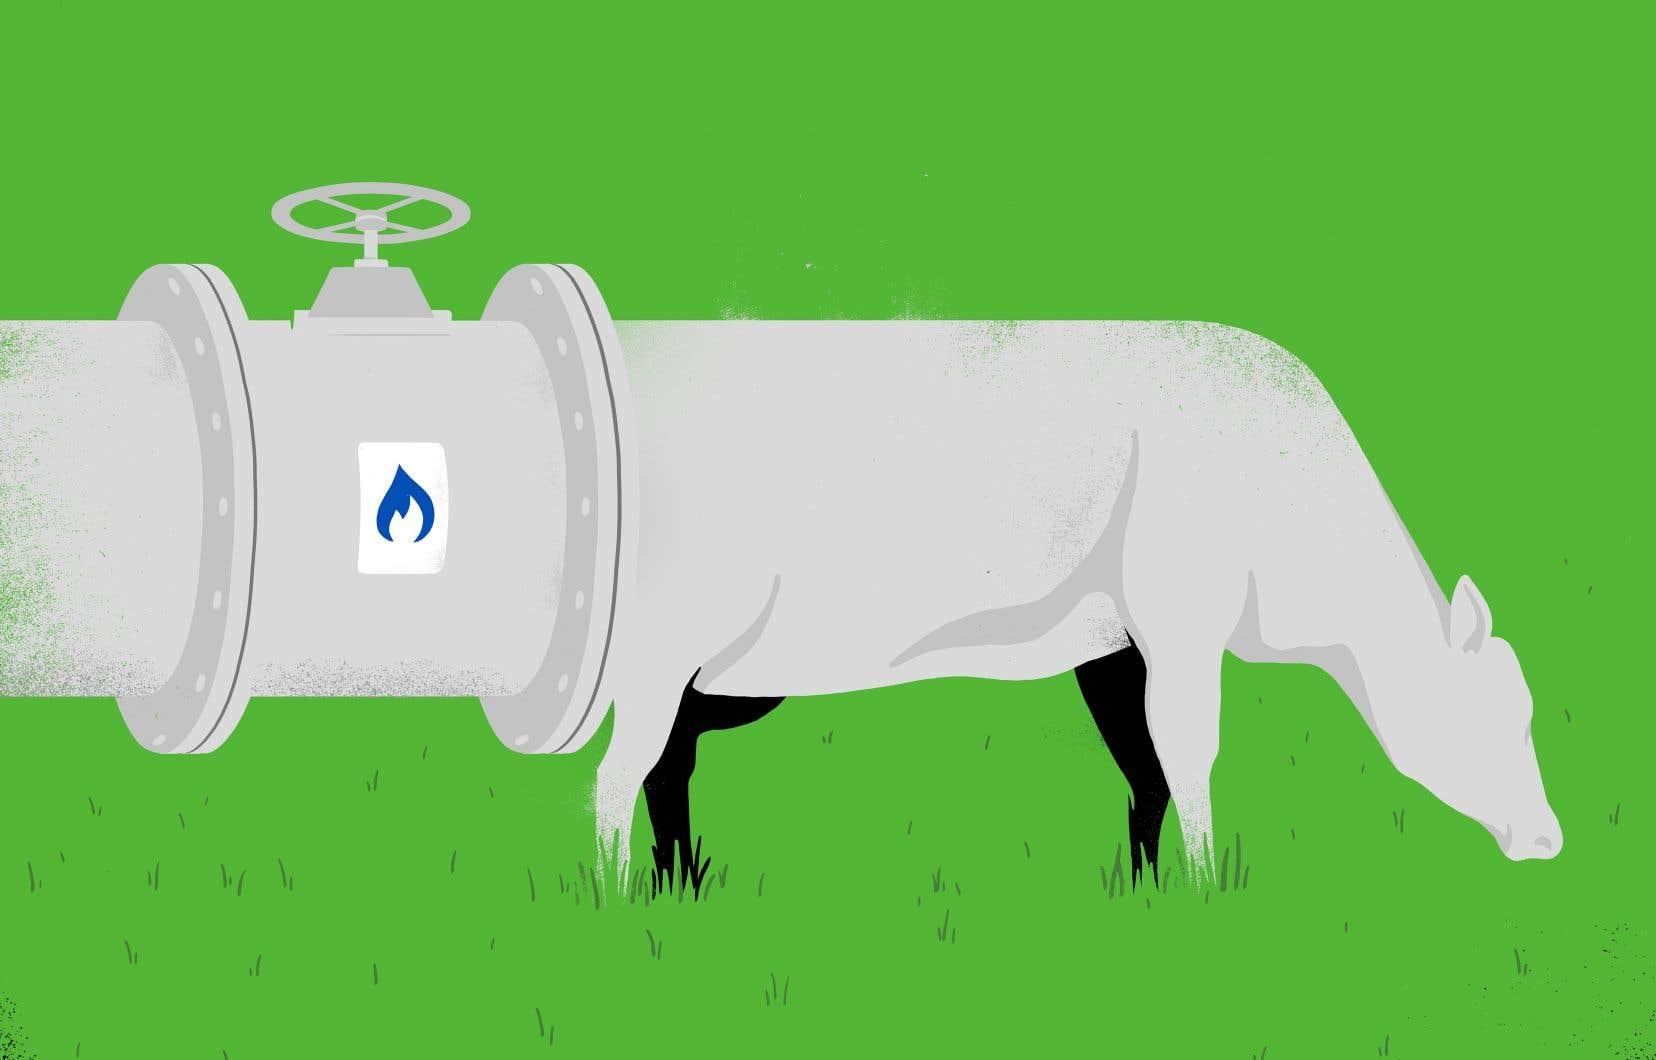 Grâce au processus de biométhanisation, il est possible de transformer le lisier et le fumier en gaz naturel renouvelable, une énergie propre qui se substitue au gaz naturel provenant des énergies fossiles.